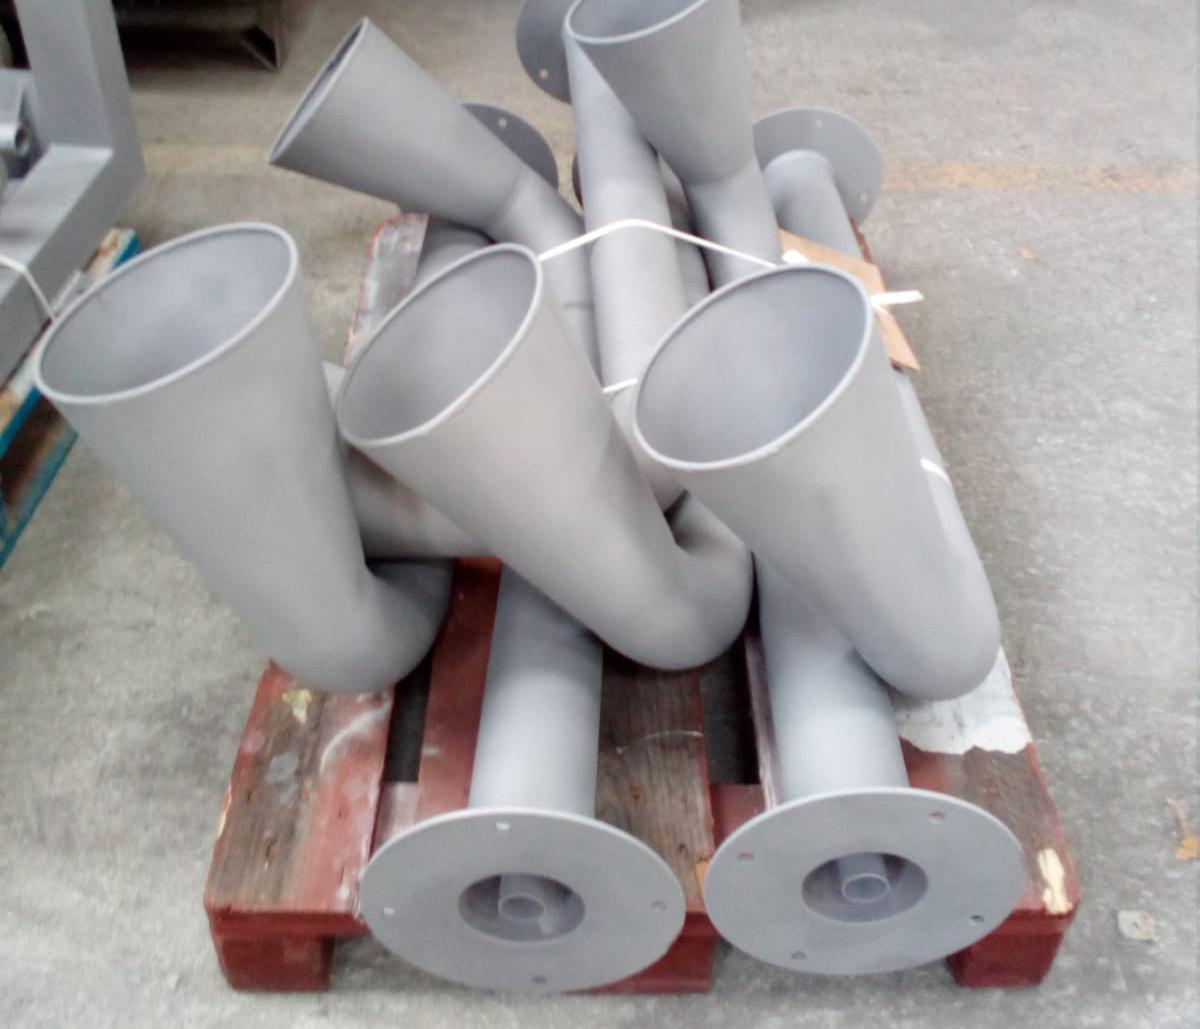 preparacion-superficies-metalicas-2